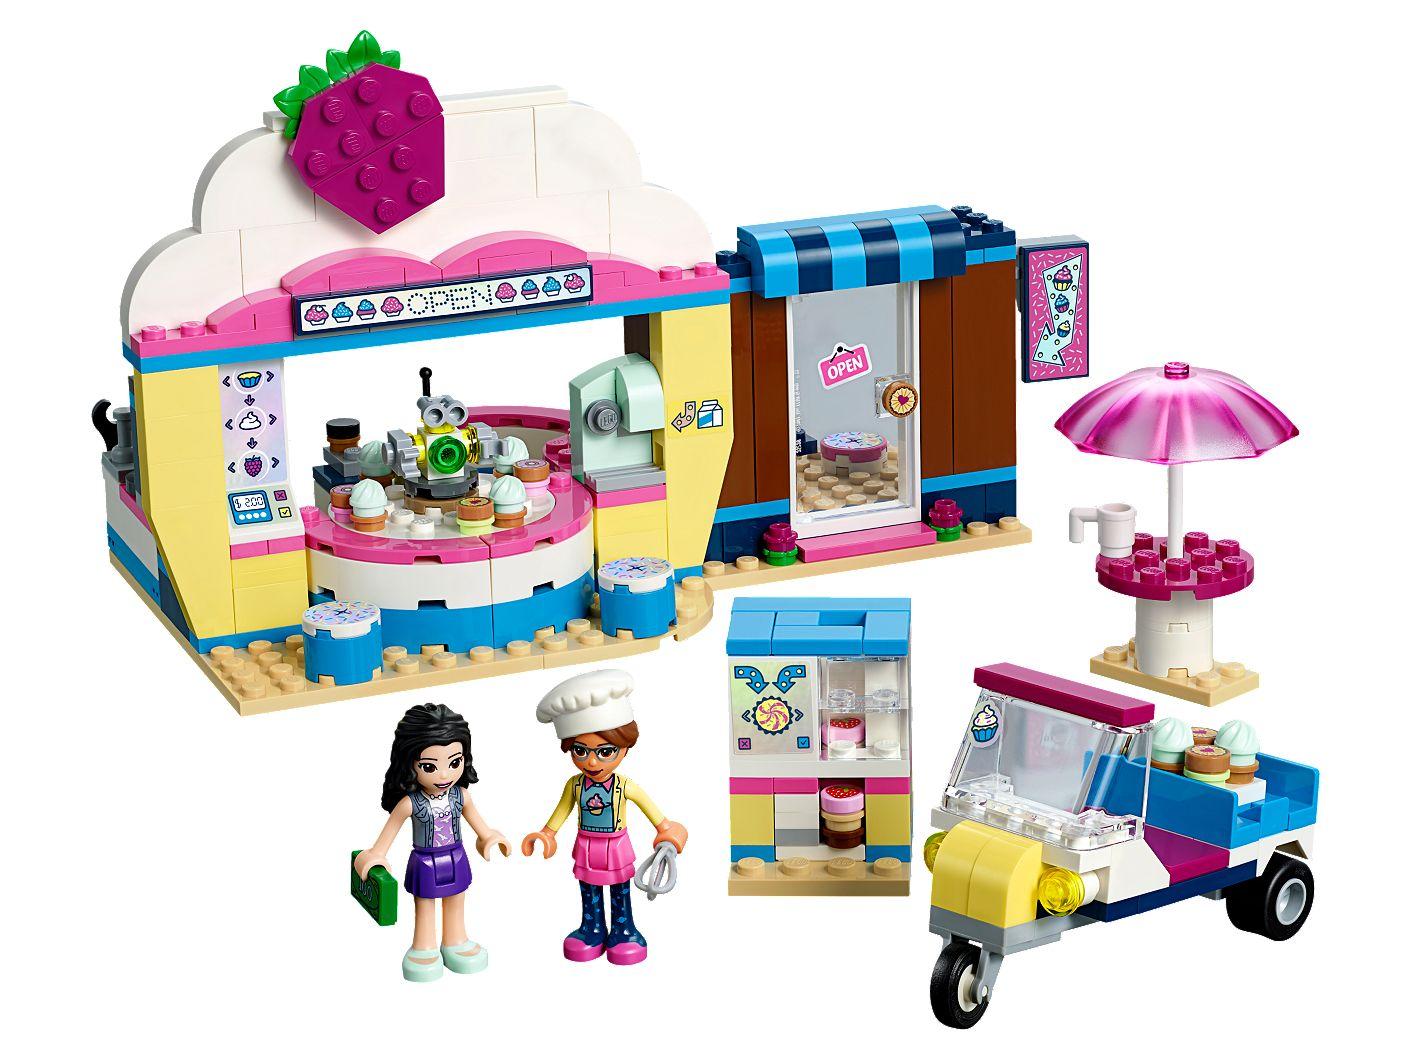 günstig kaufen Lego Friends Olivias Cupcake-Café 41366